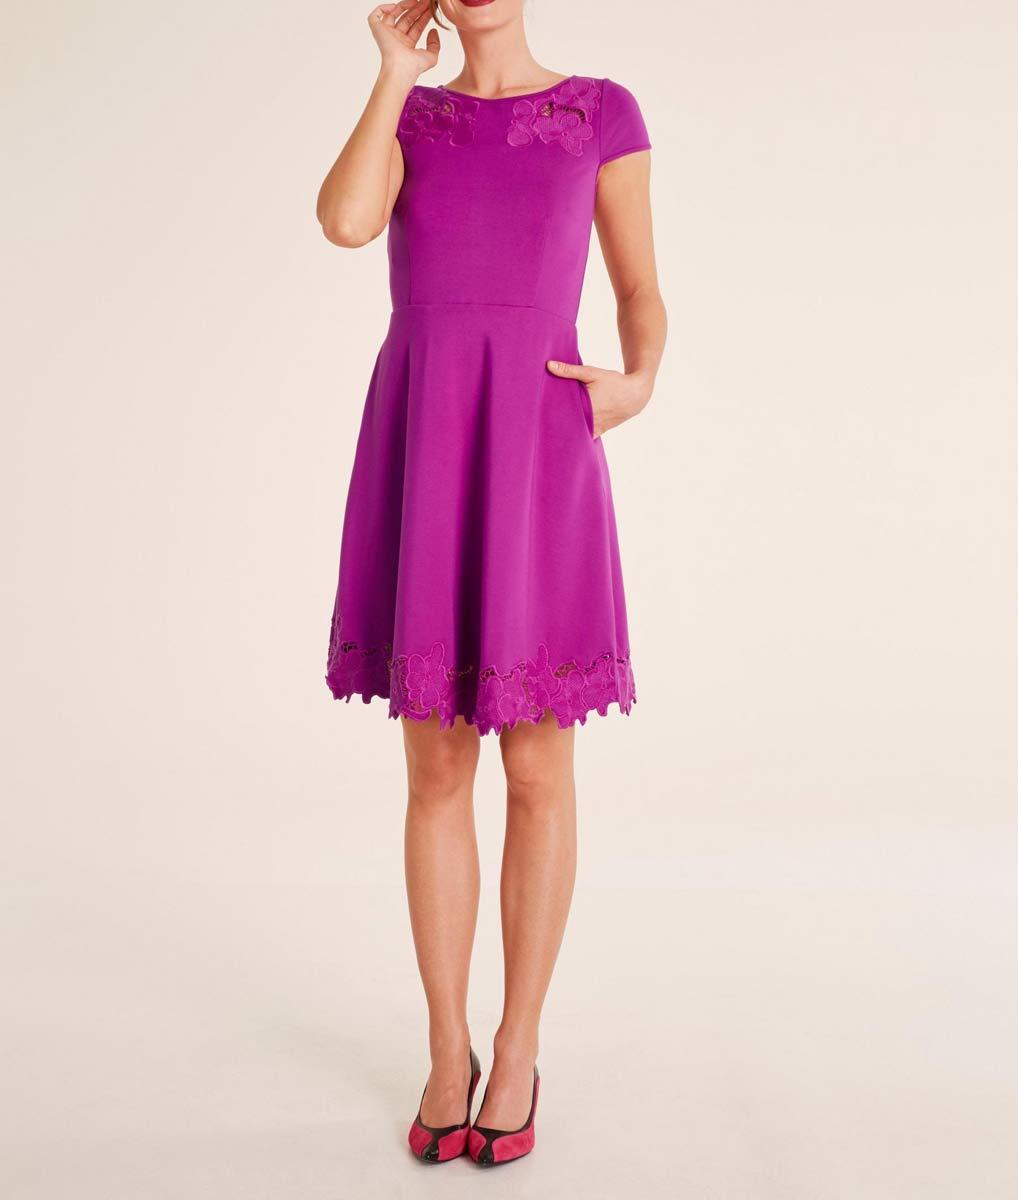 568.730 ASHLEY BROOKE Damen Designer-Kleid m. Stickerei Pink